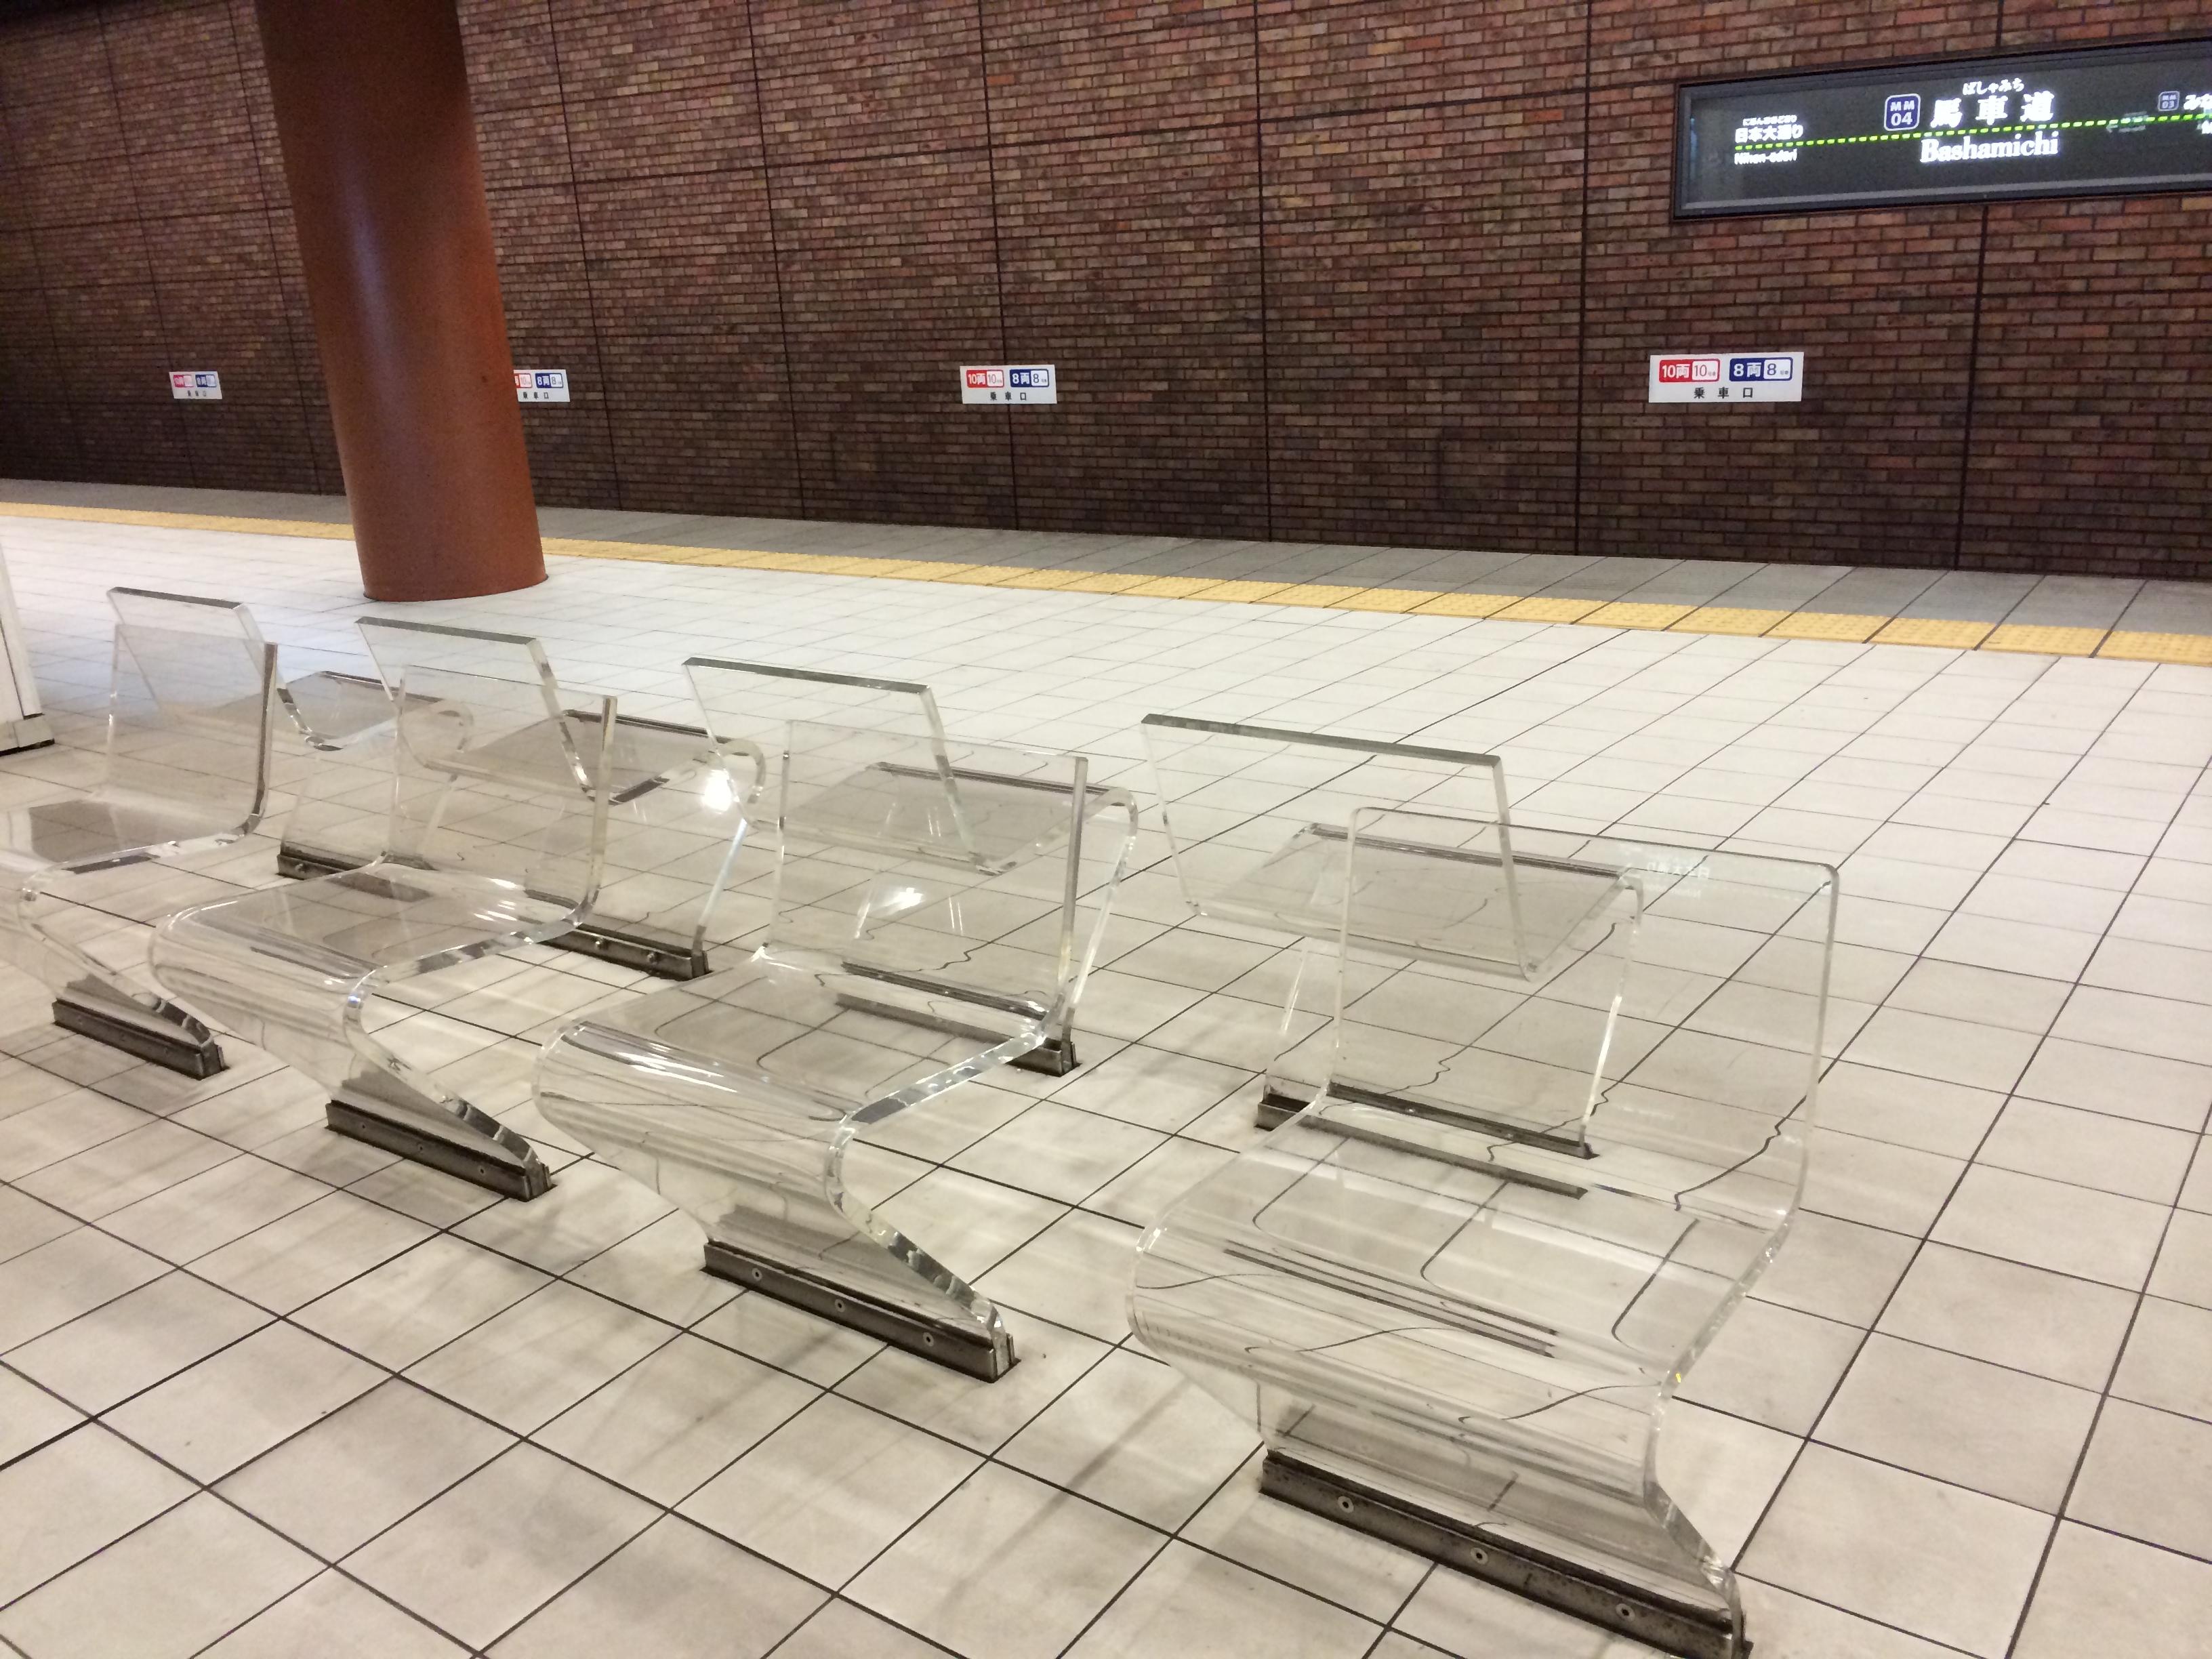 大好きな「馬車道」駅ホームの椅子。これも膨大なプロセスの成果なんだろうね。